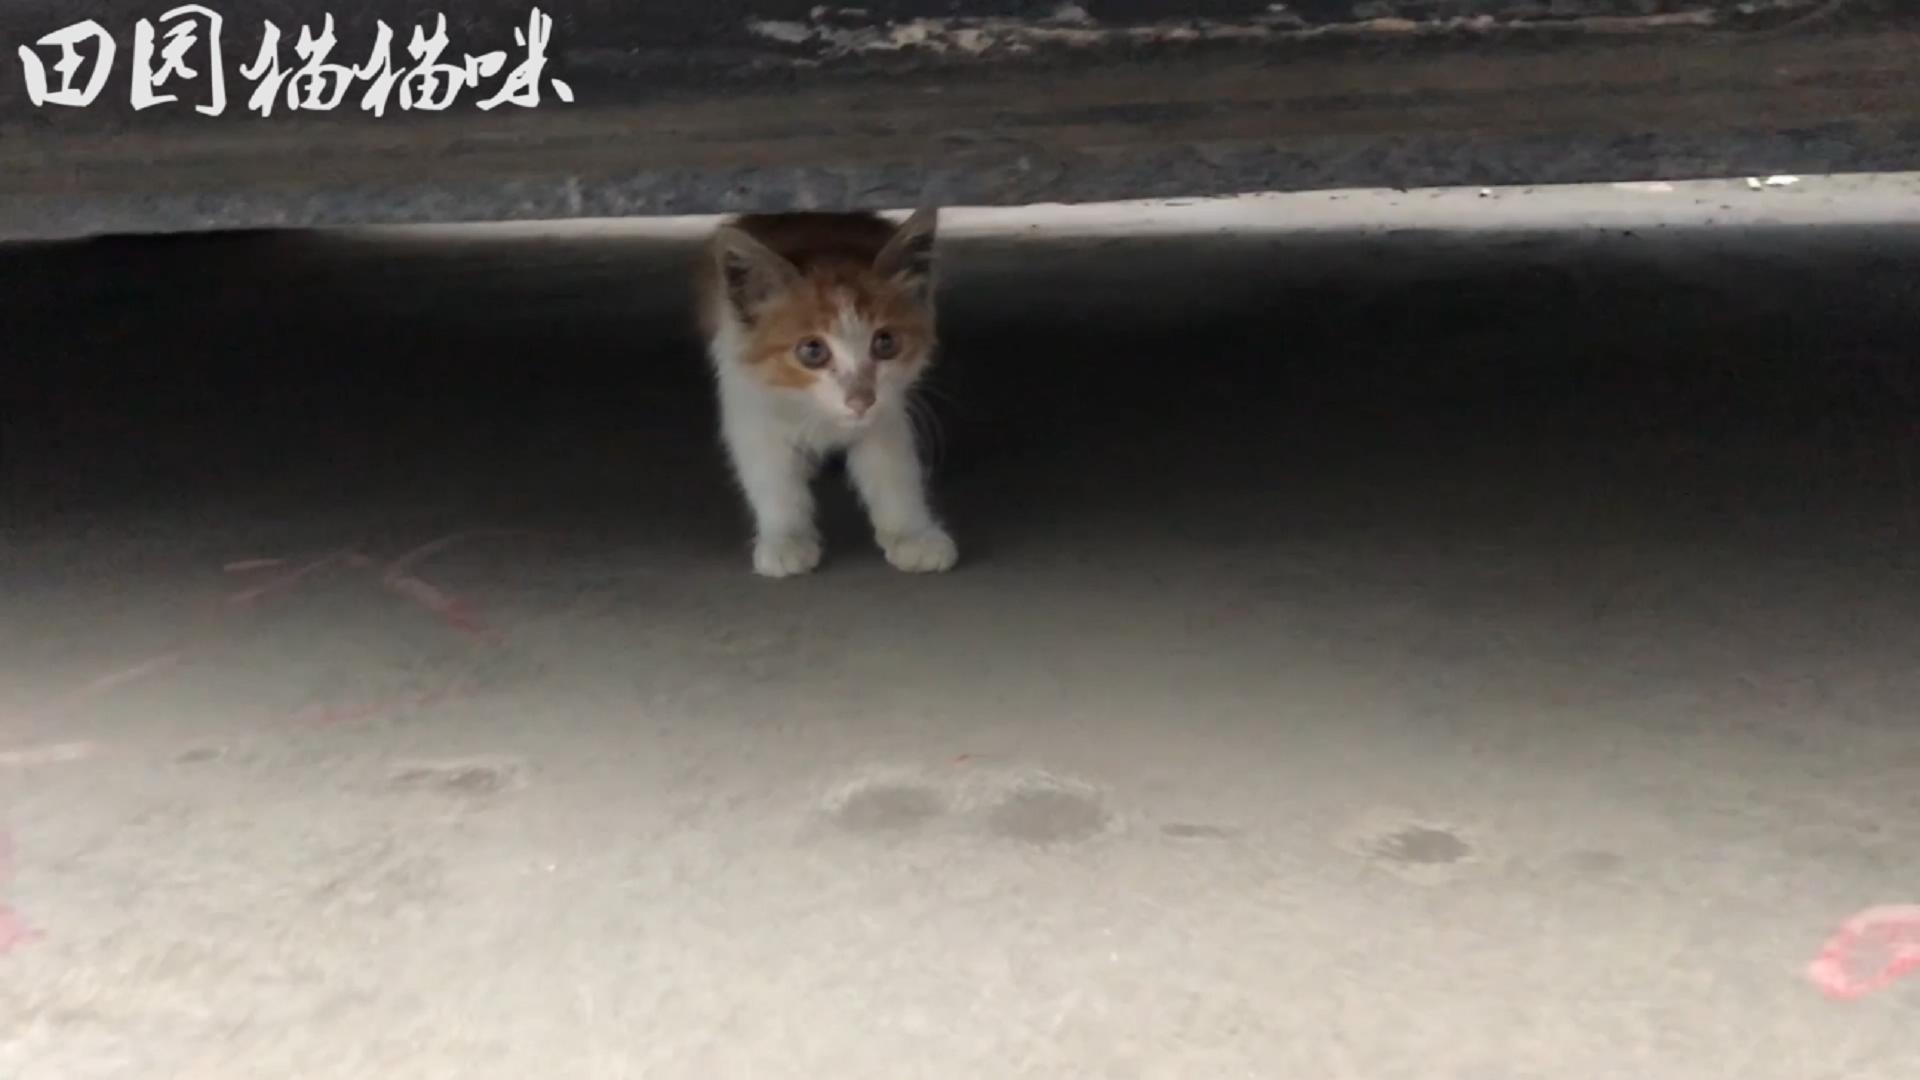 流浪猫:躲在车底的小猫,叫声凄惨,给它食物就狼吞虎咽的吃起来